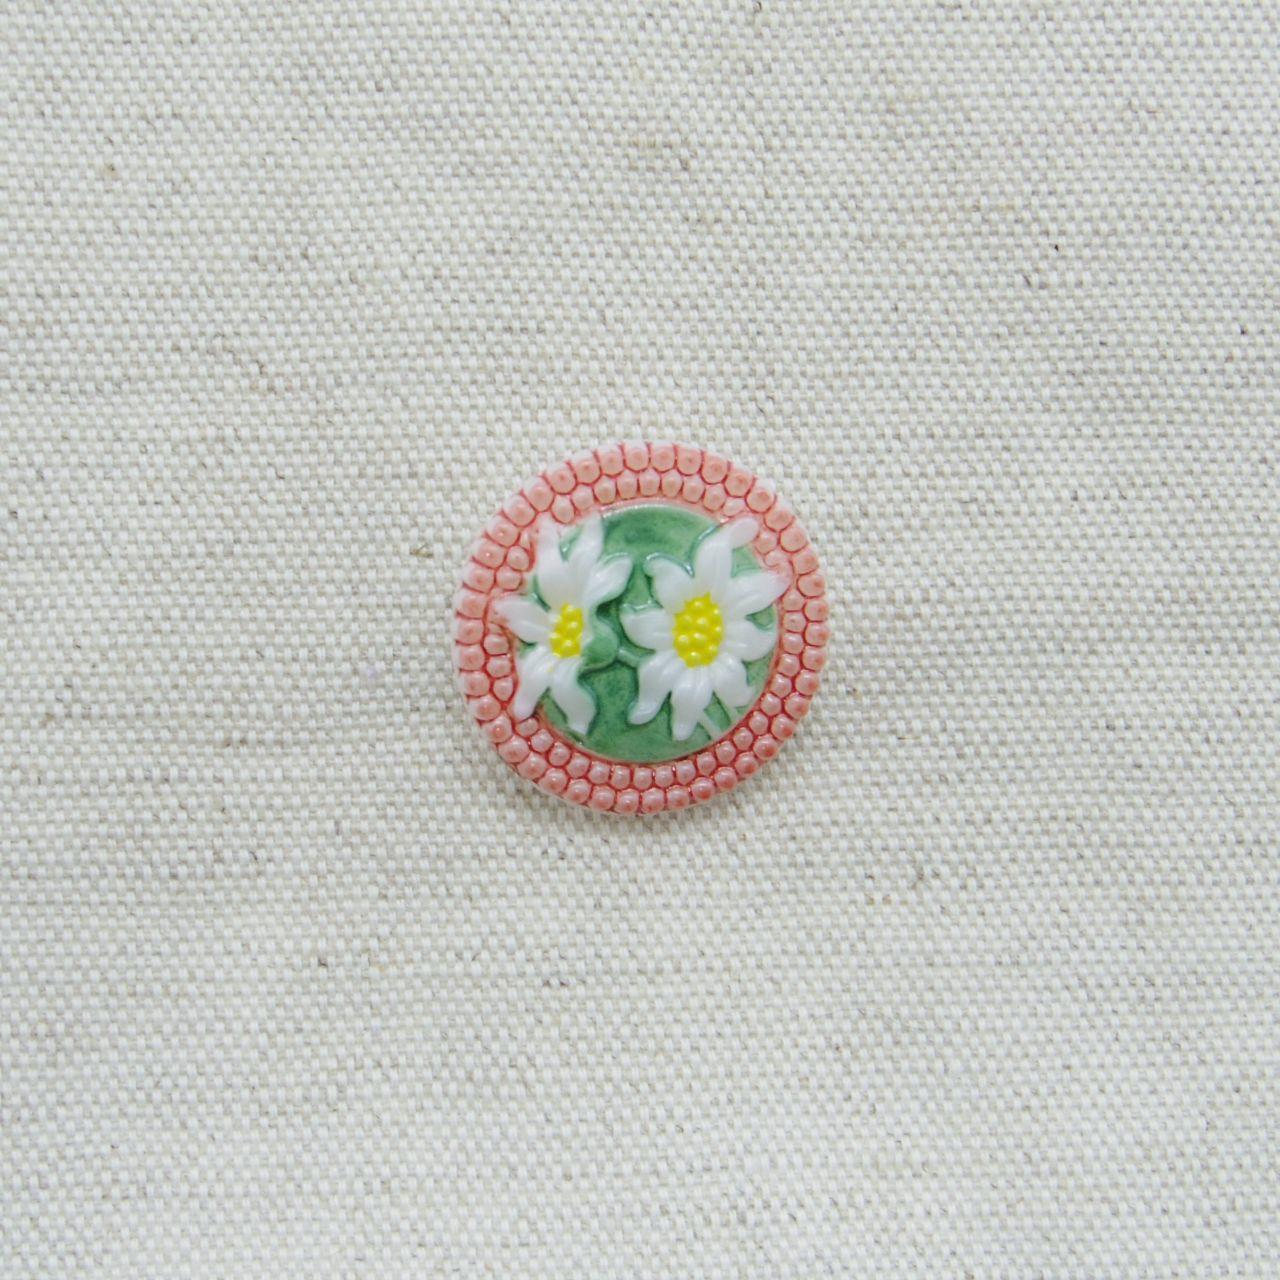 【チェコガラスボタン】エーデルワイス・赤 ::: 中2.3cm